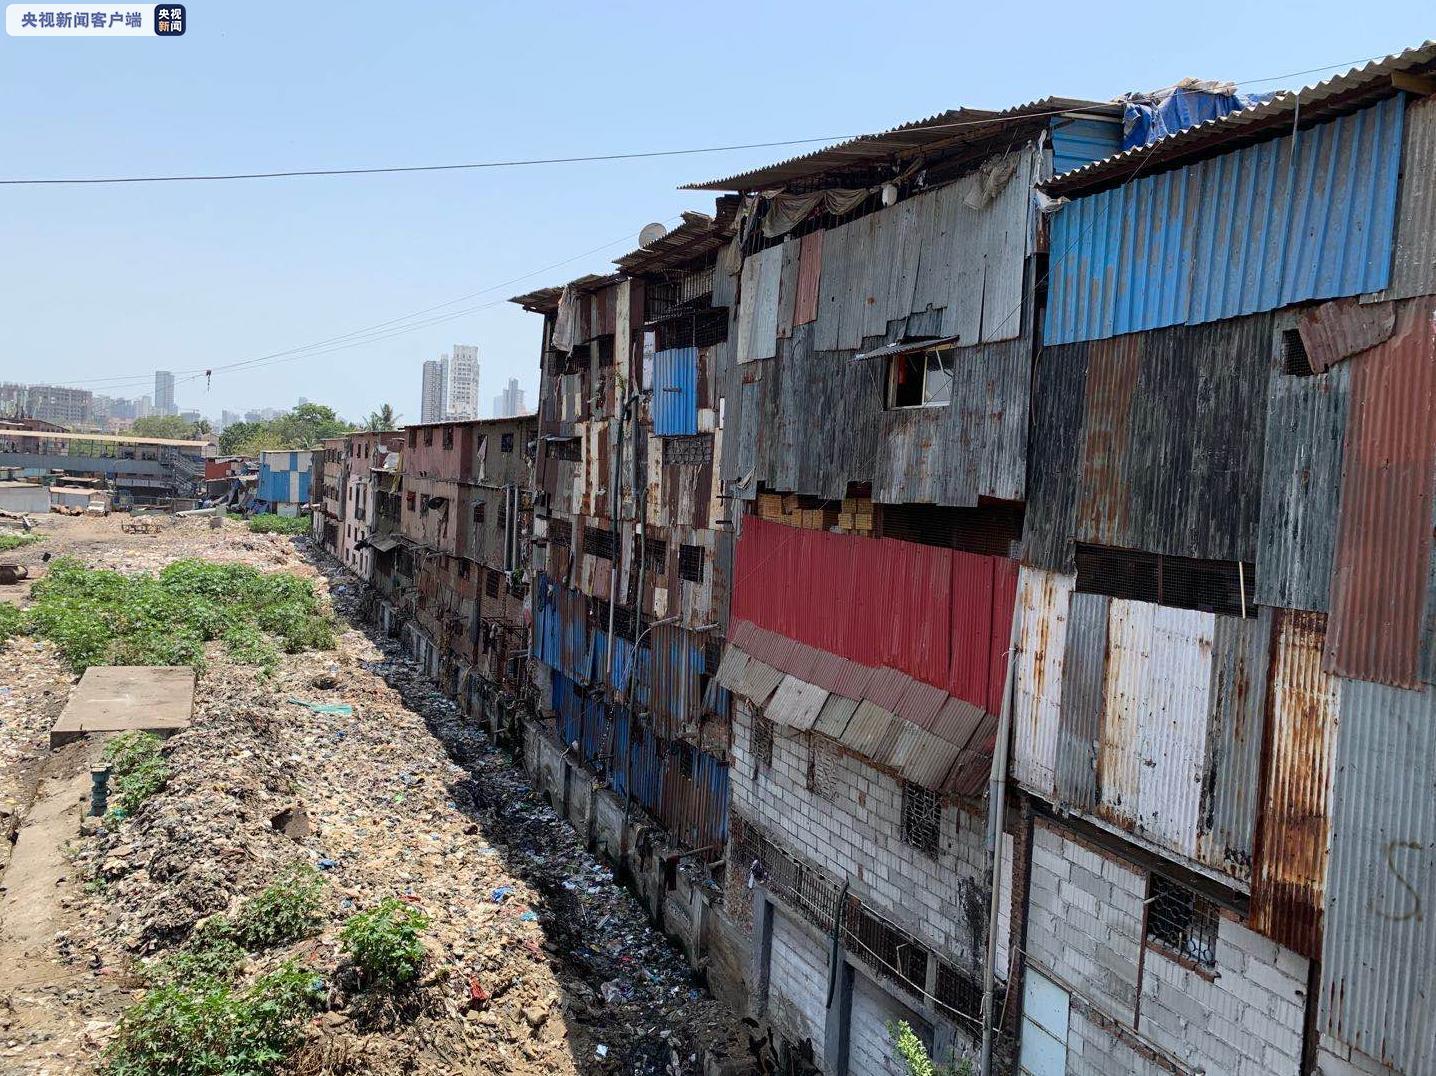 印度最大贫民窟新增25例确诊 累计确诊214例